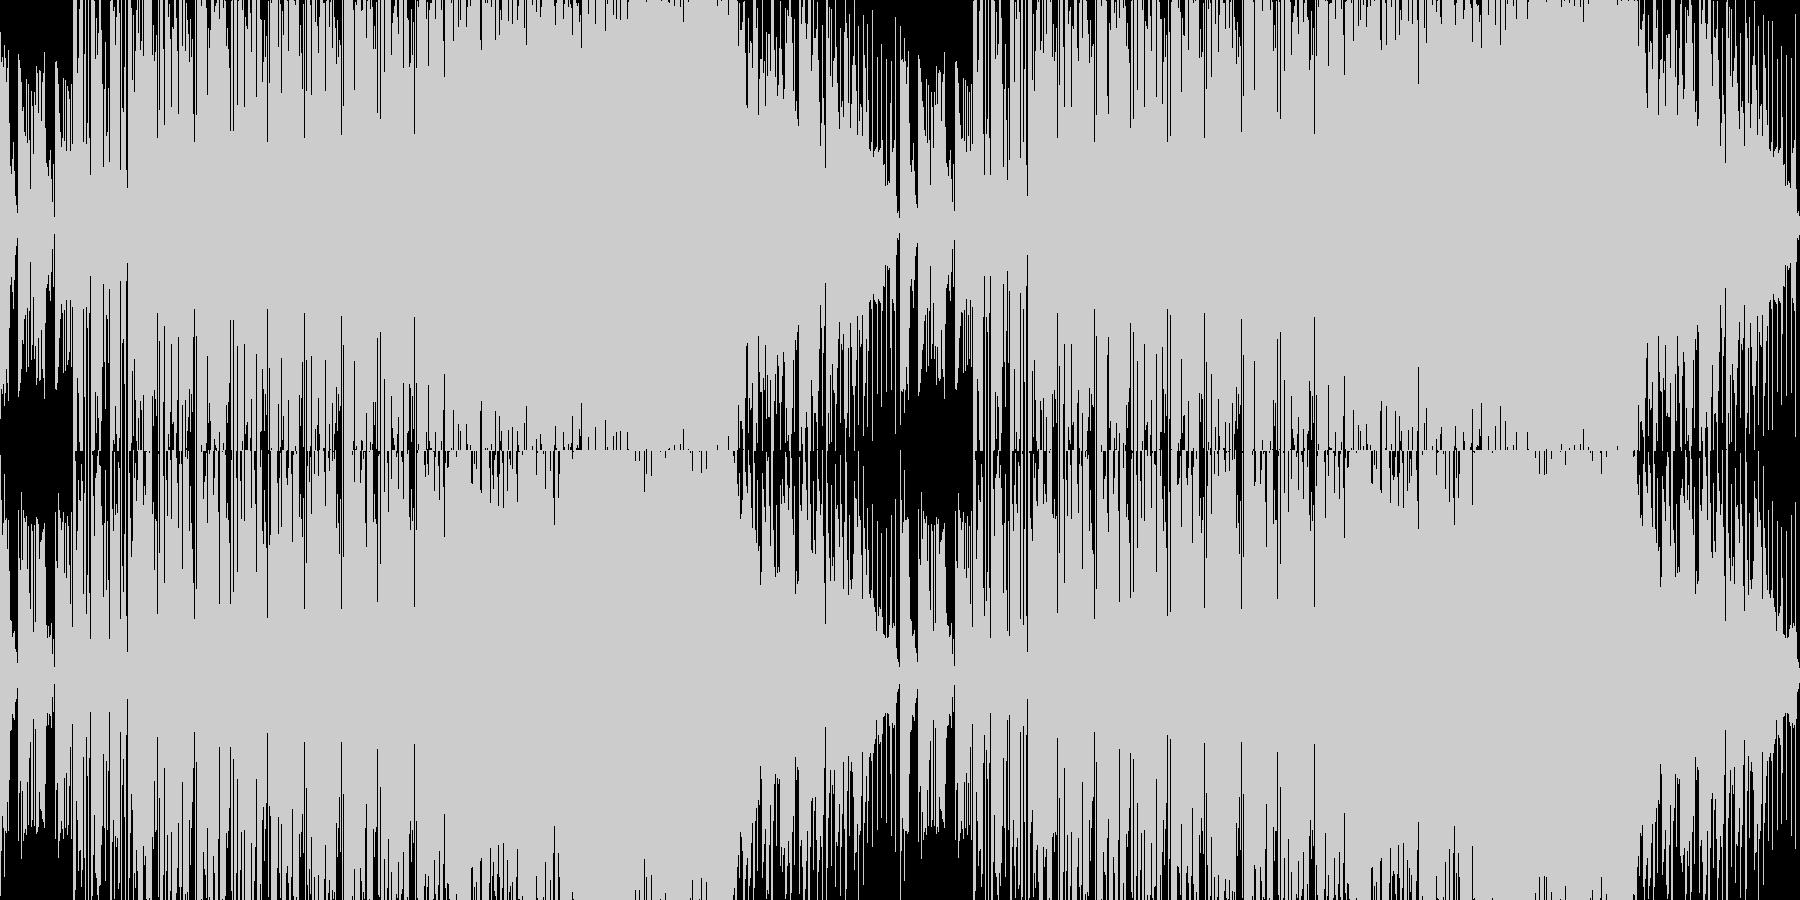 ループ■優しく切ないローファイブレイクスの未再生の波形